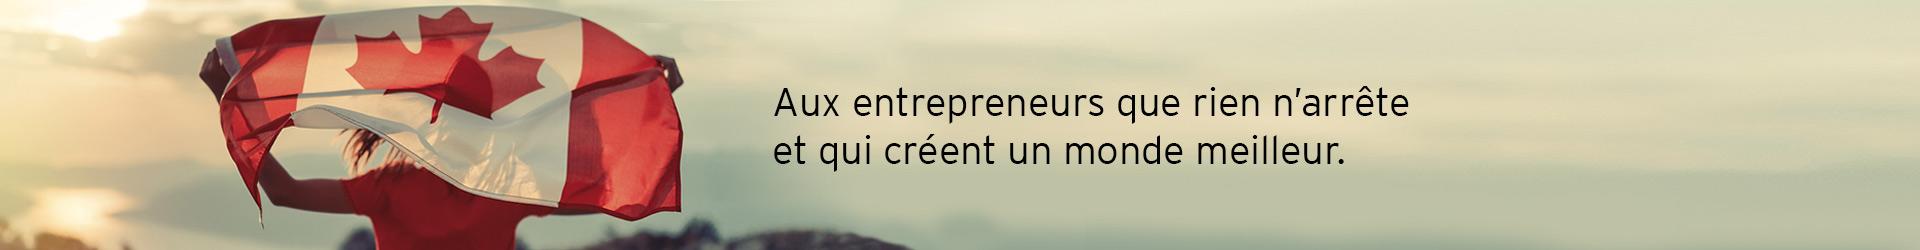 Aux entrepreneurs que rien n'arrête et qui créent un monde meilleur.